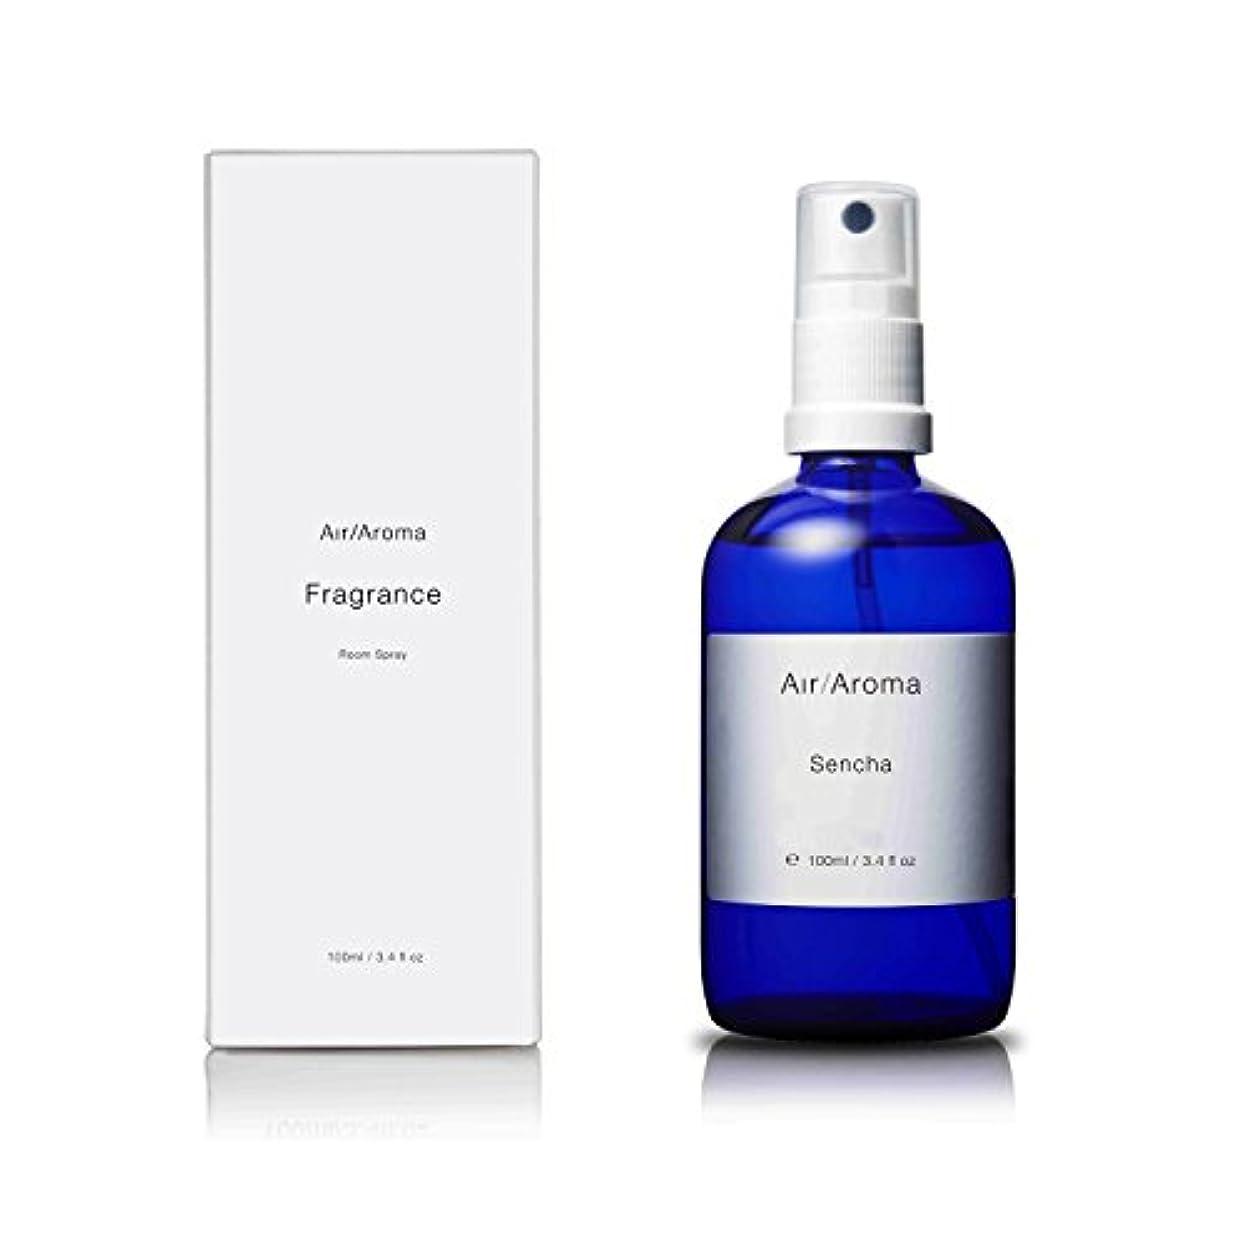 良性習慣従順なエアアロマ sencha room fragrance(センチャ ルームフレグランス)100ml